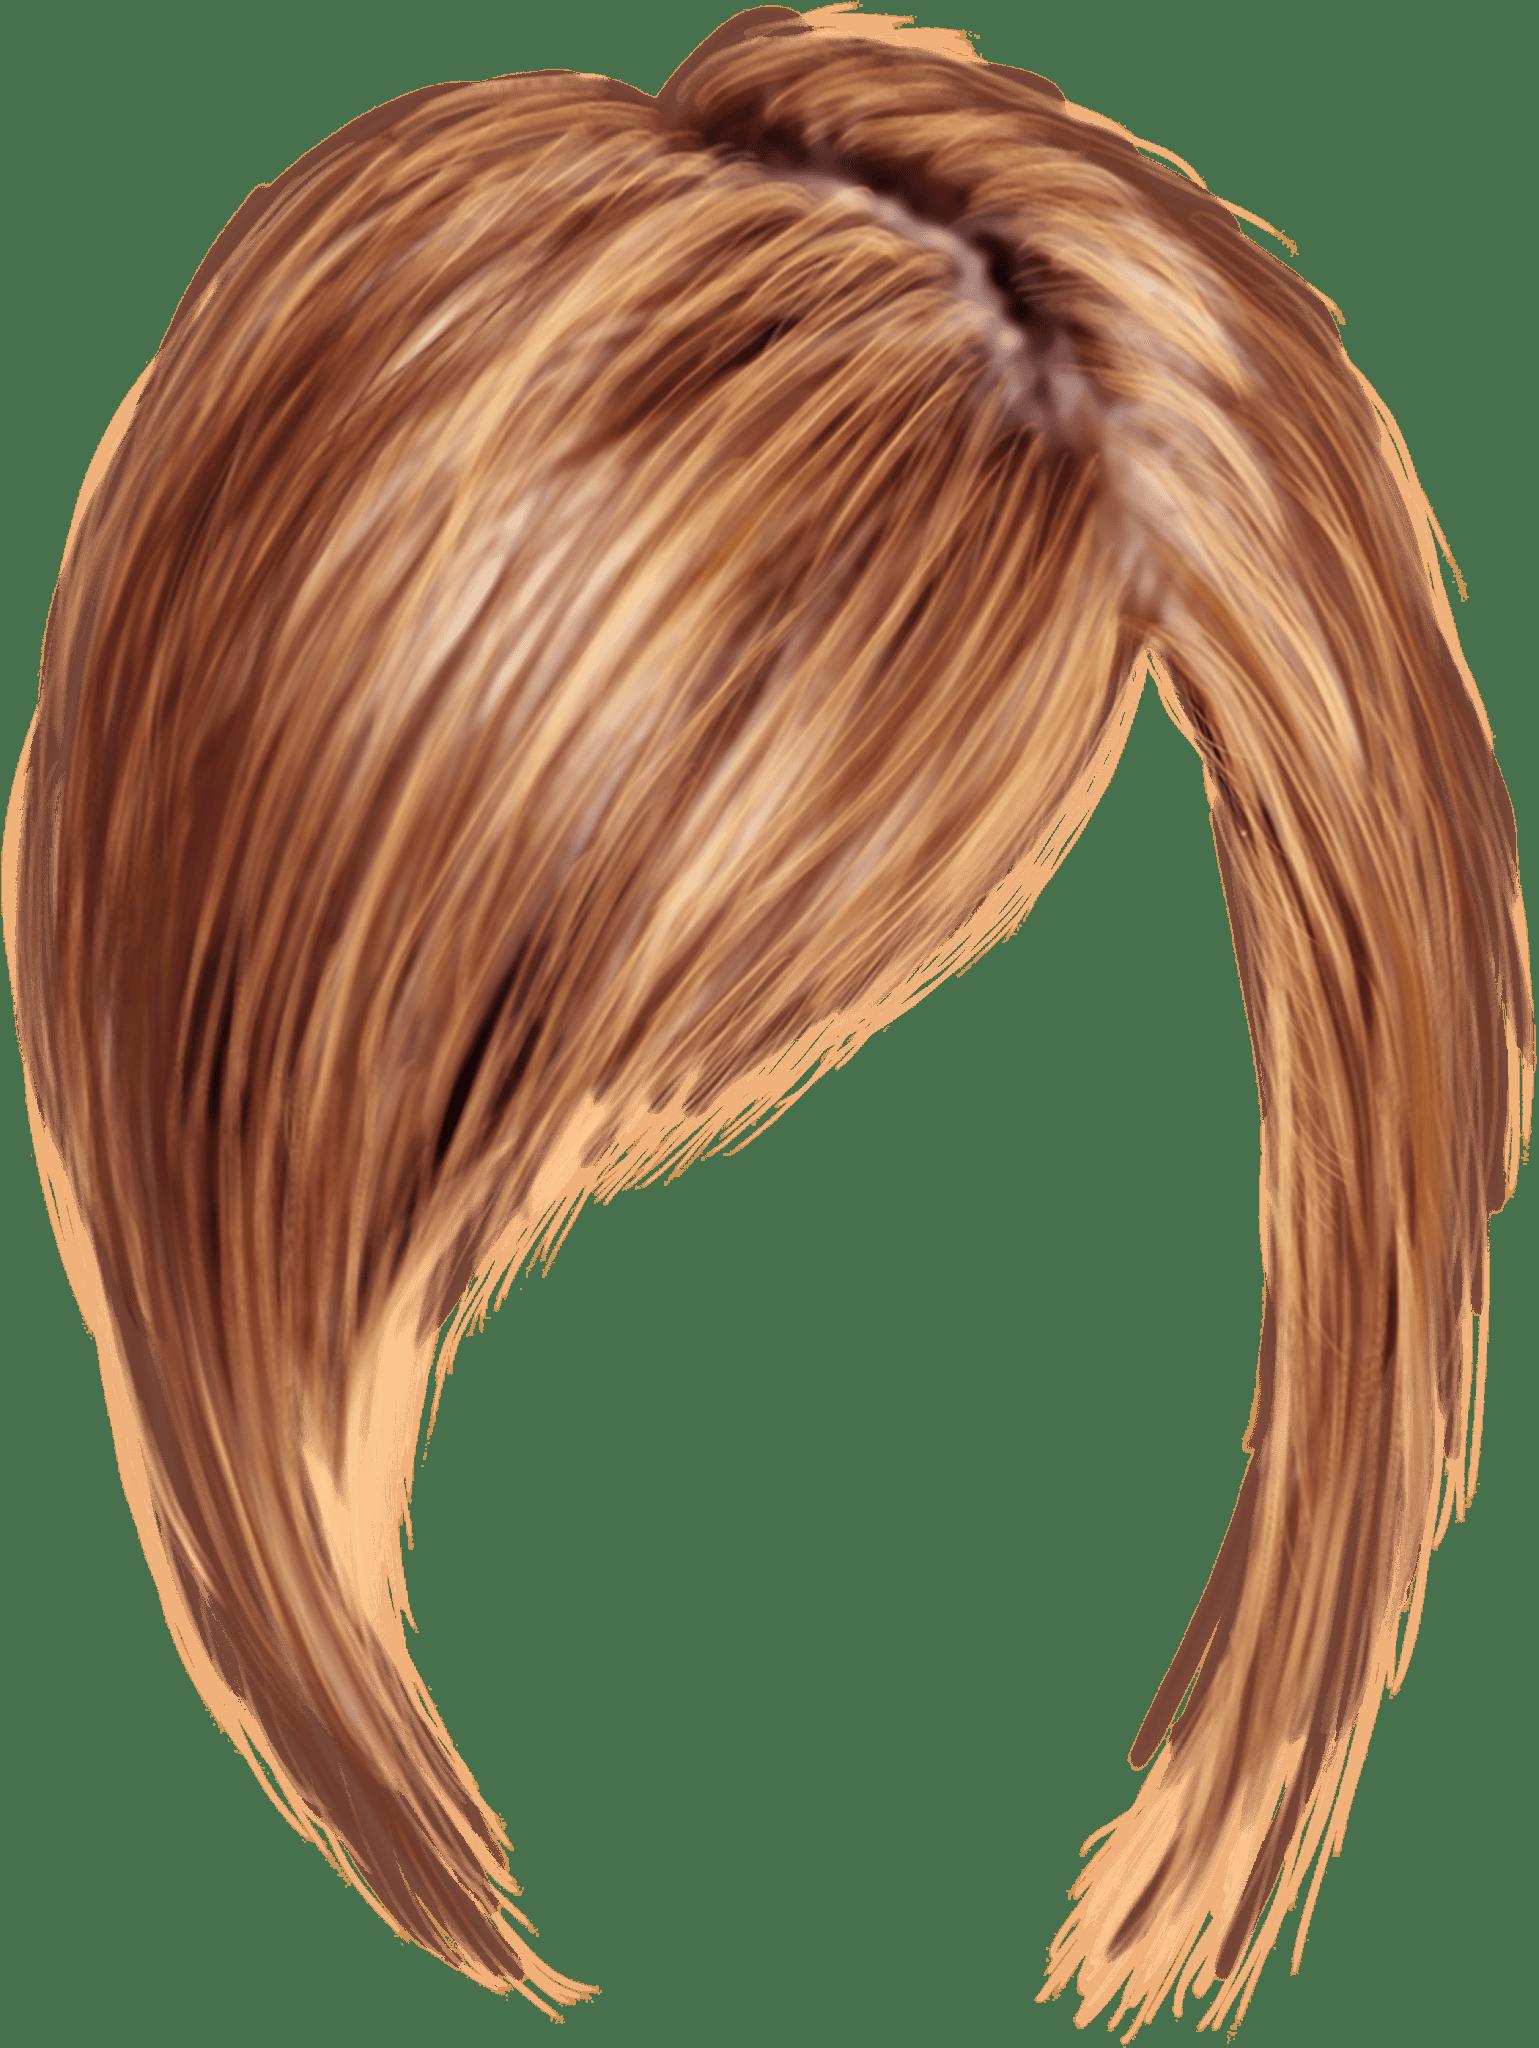 Short Women Hair transparent PNG.